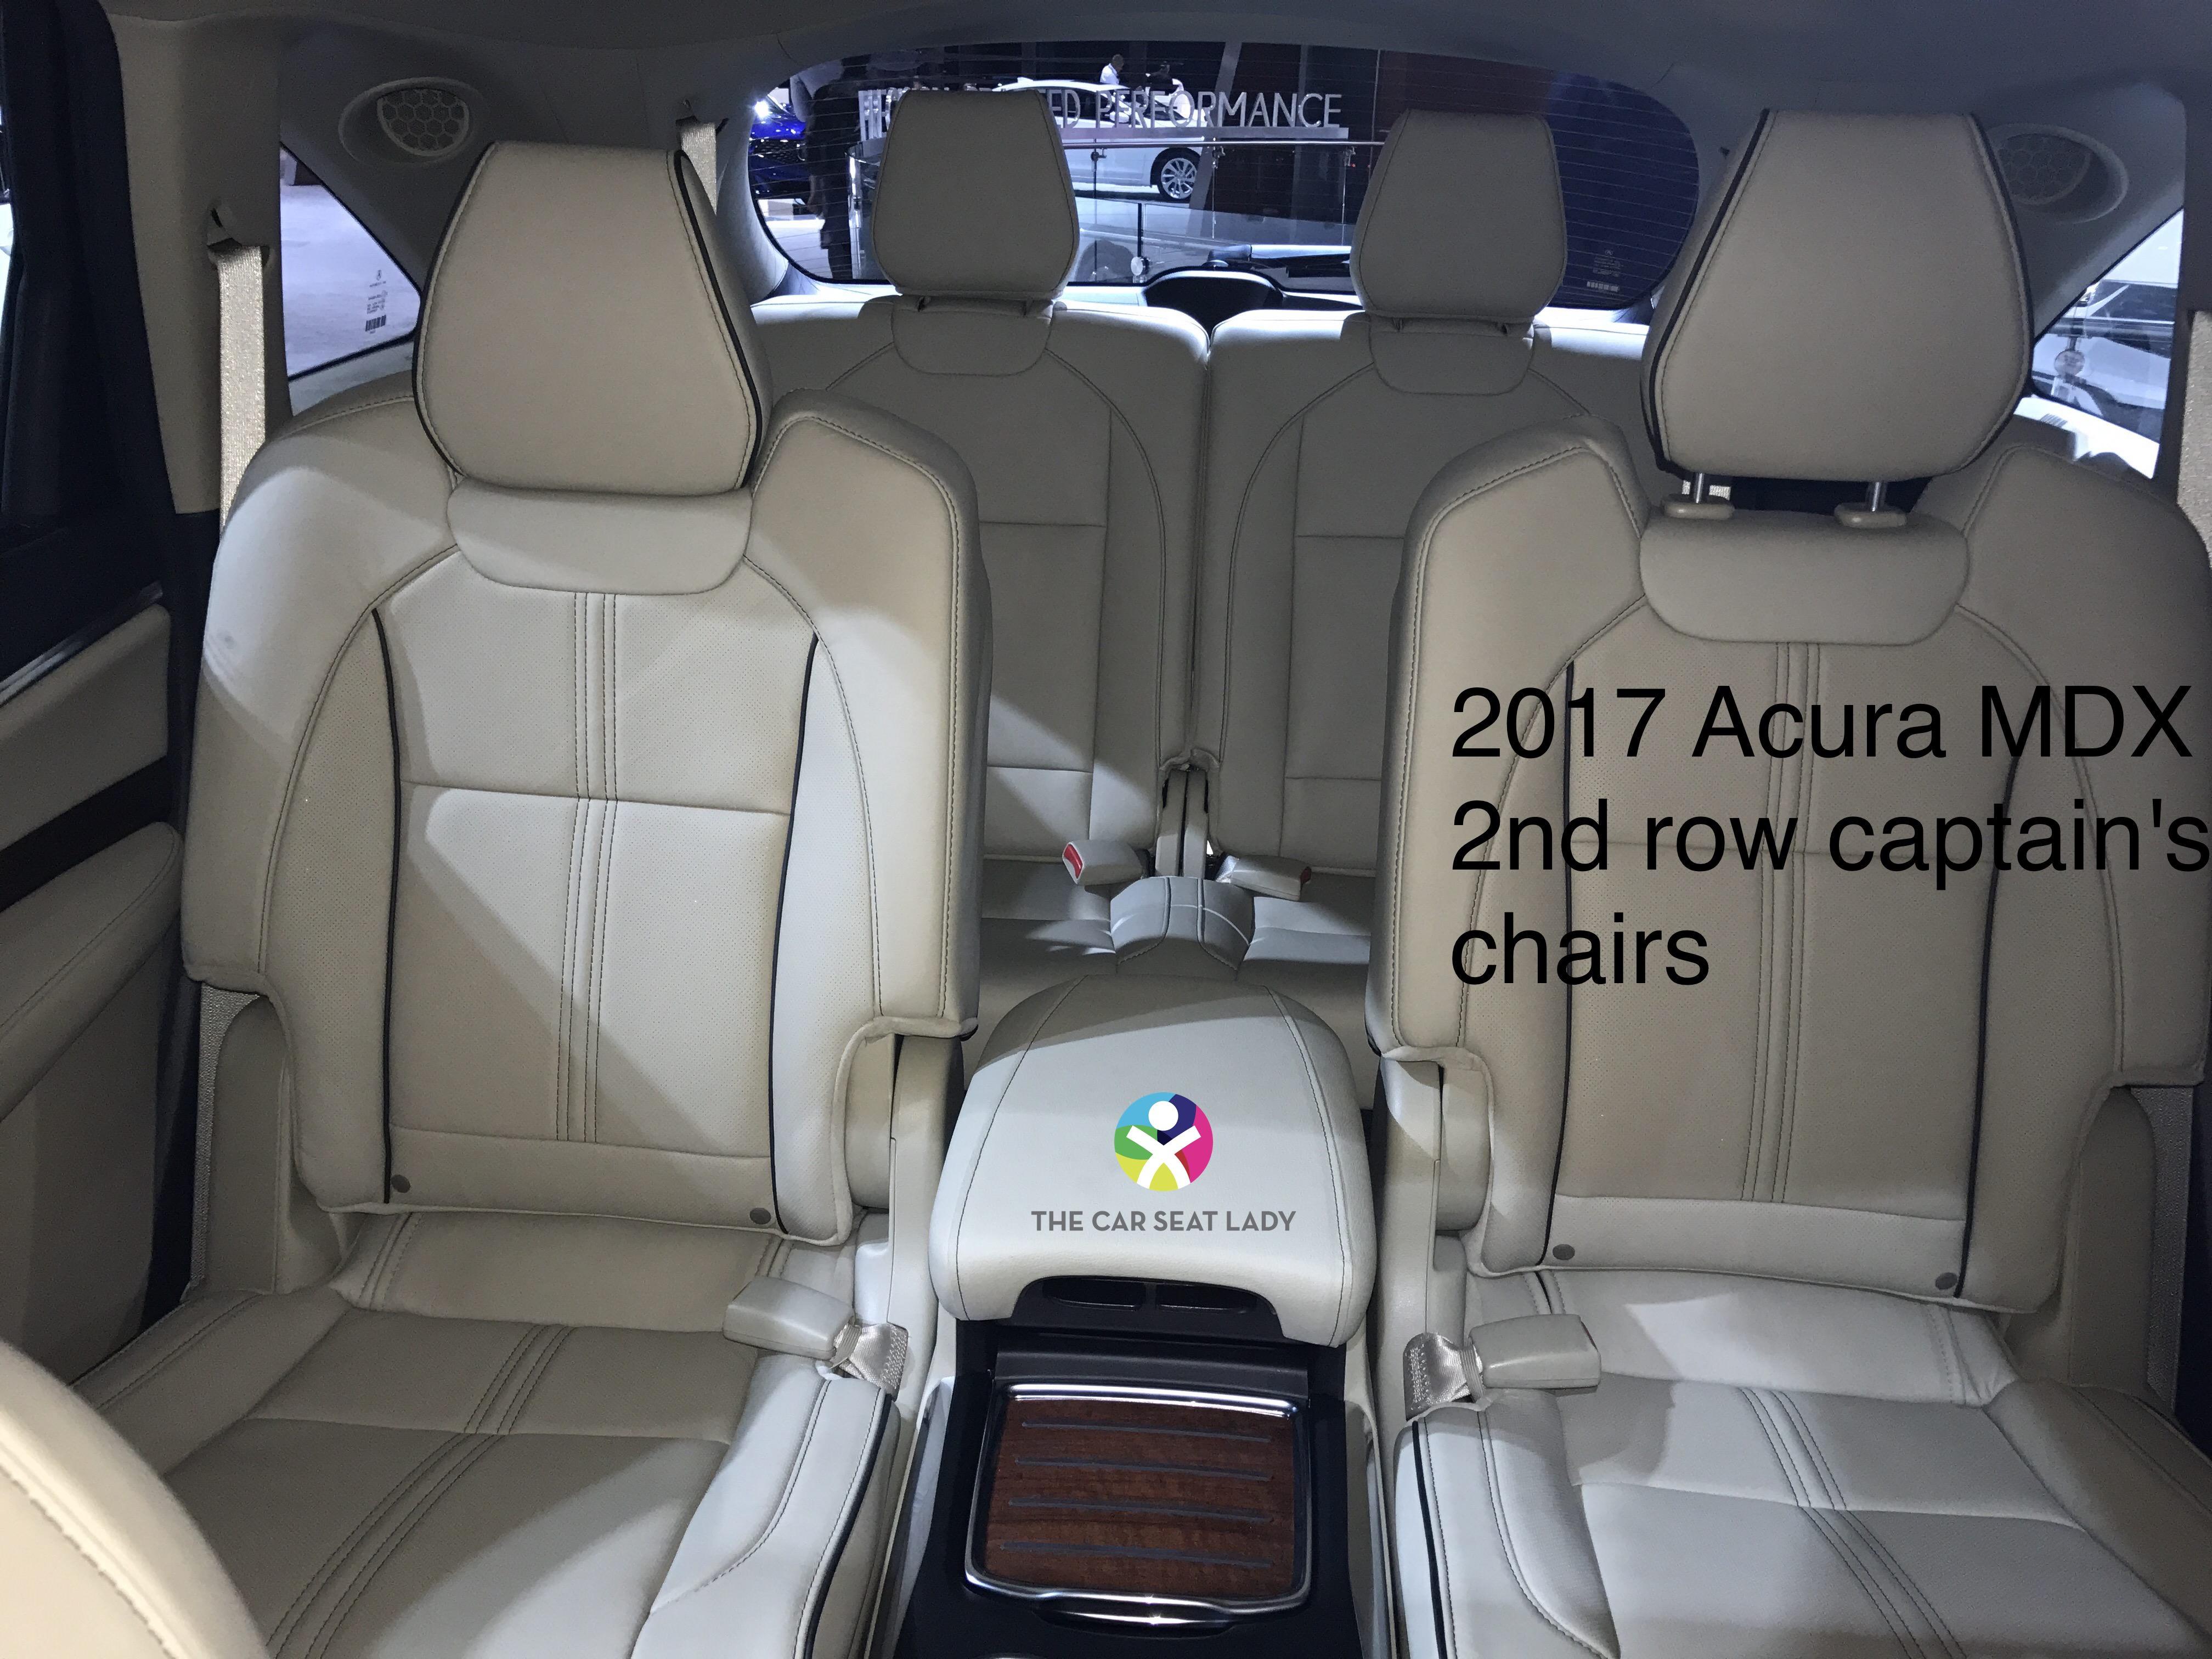 2007 2017 Acura Mdx